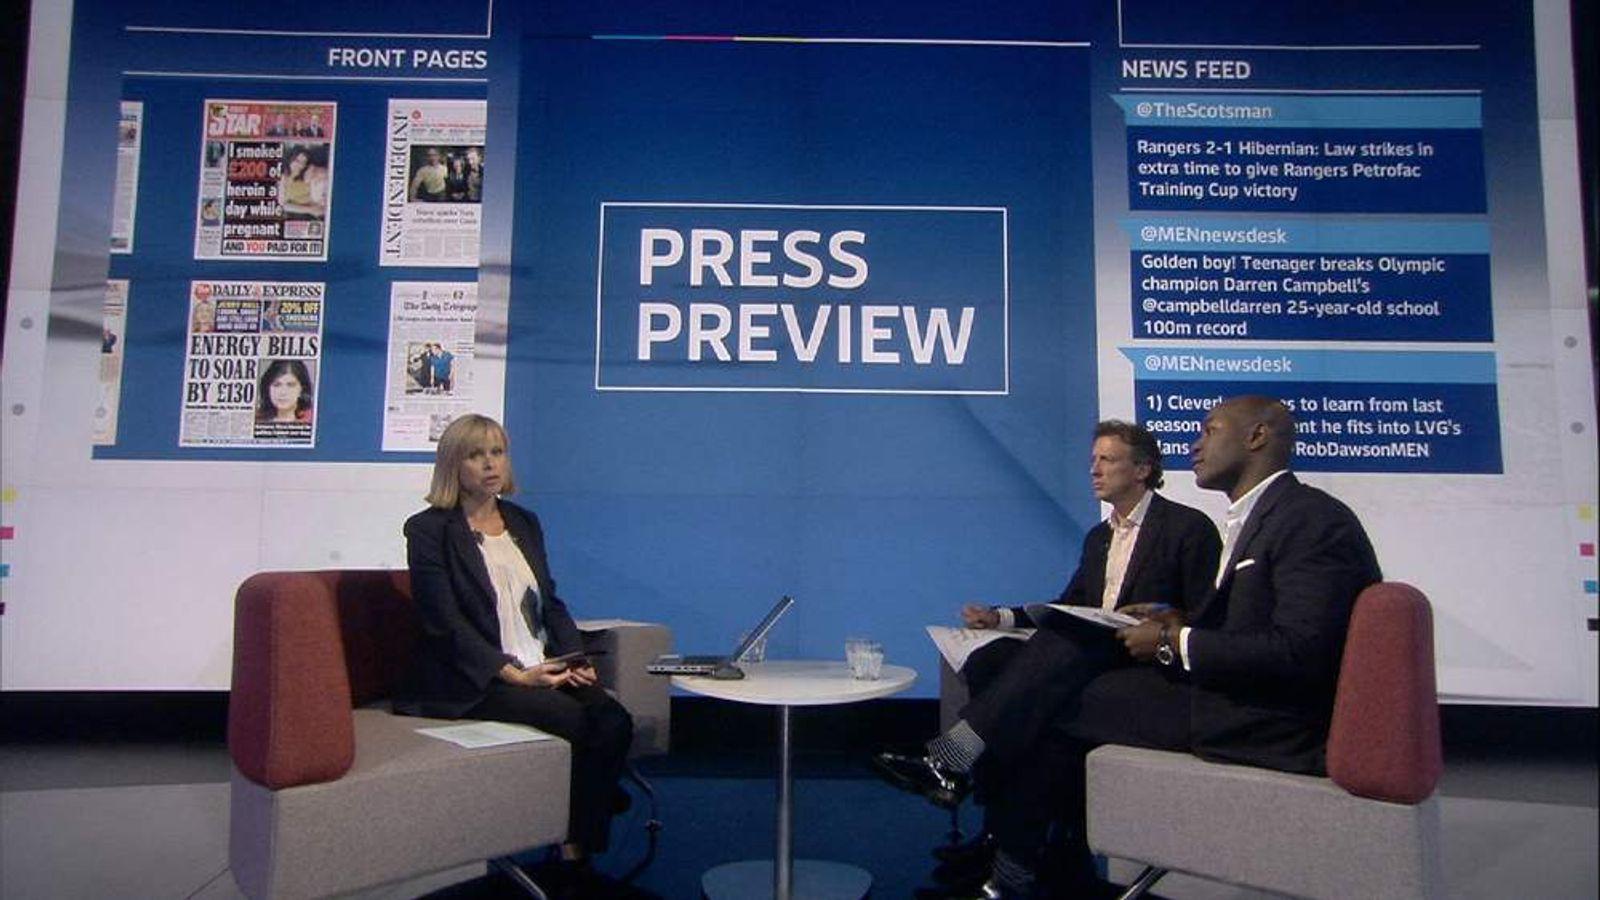 Press Preview